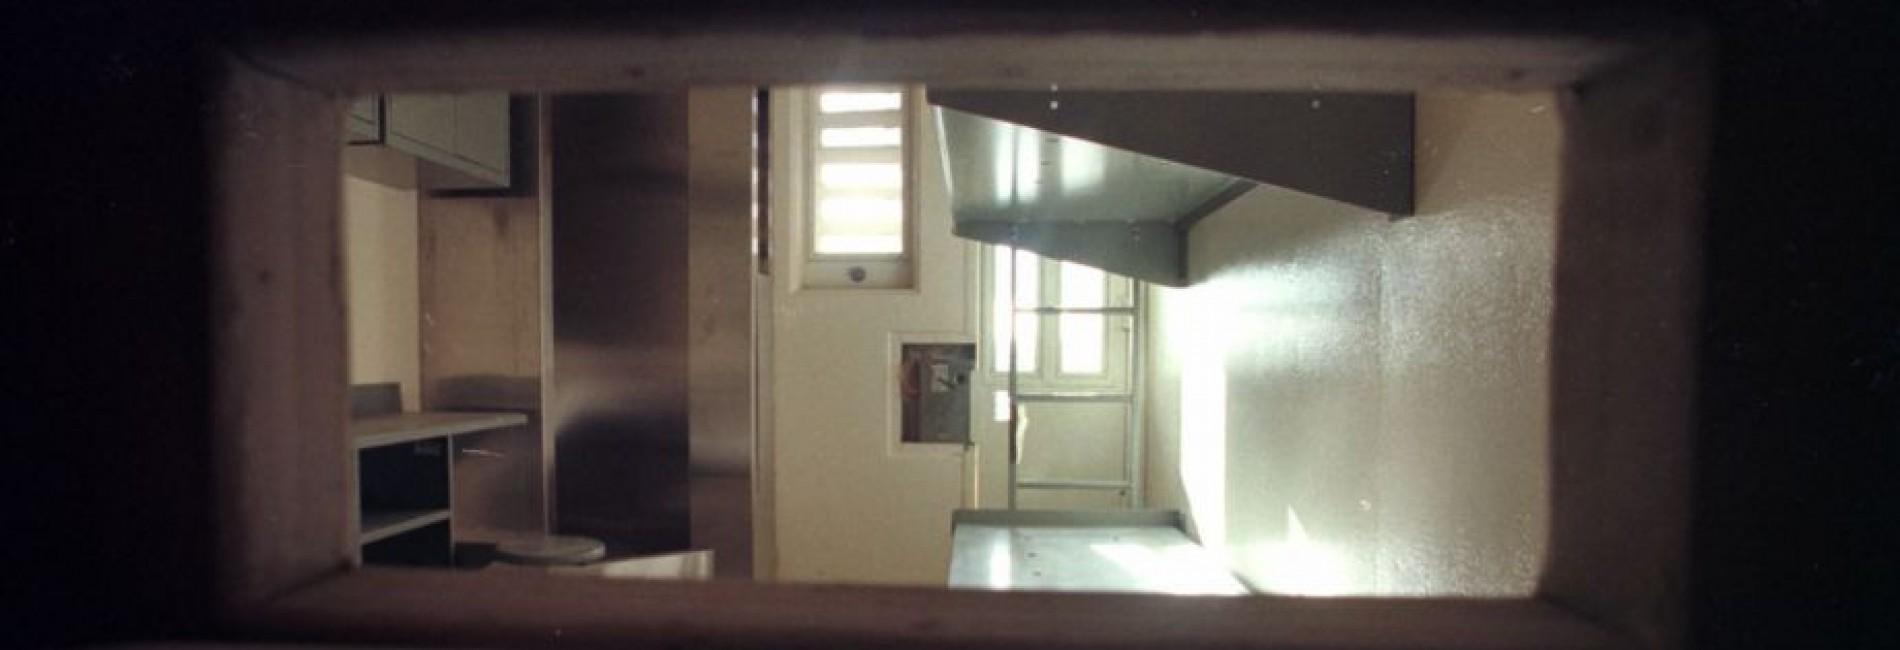 NY-solitary-cell (1)